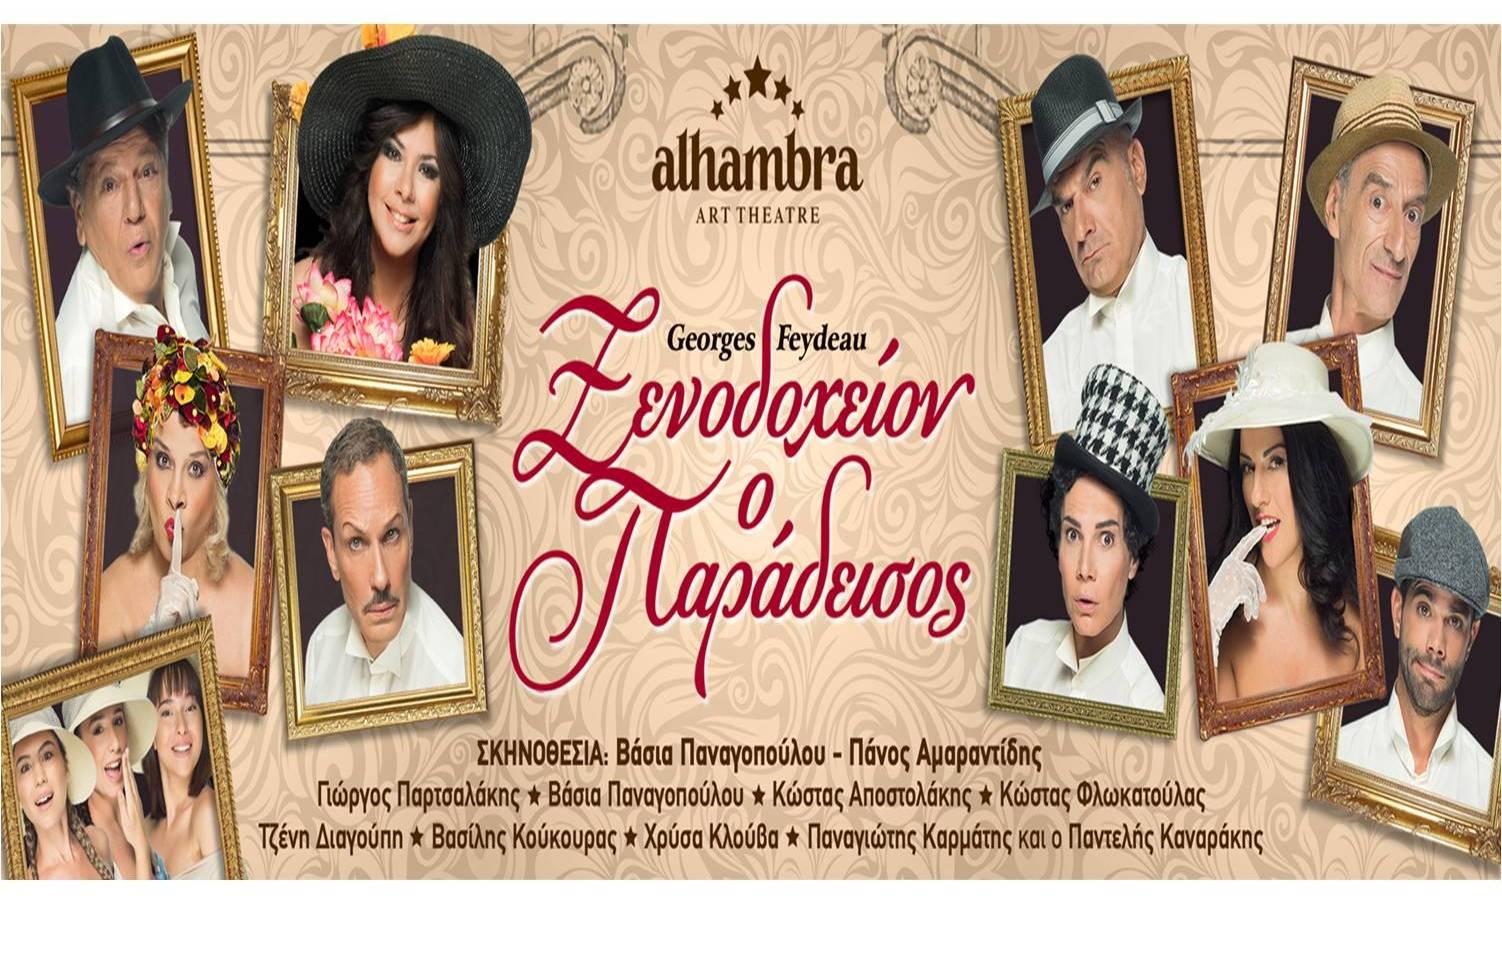 Από 10€ για είσοδο στην κωμωδία του Georges Feydeau ''Ξενοδοχείον ο Παράδεισος'', με τους Γ.Παρτσαλάκη, Β.Παναγοπούλου, Κ.Αποστολάκη, Π.Καναράκη κα, στο Alhambra Art Theatre